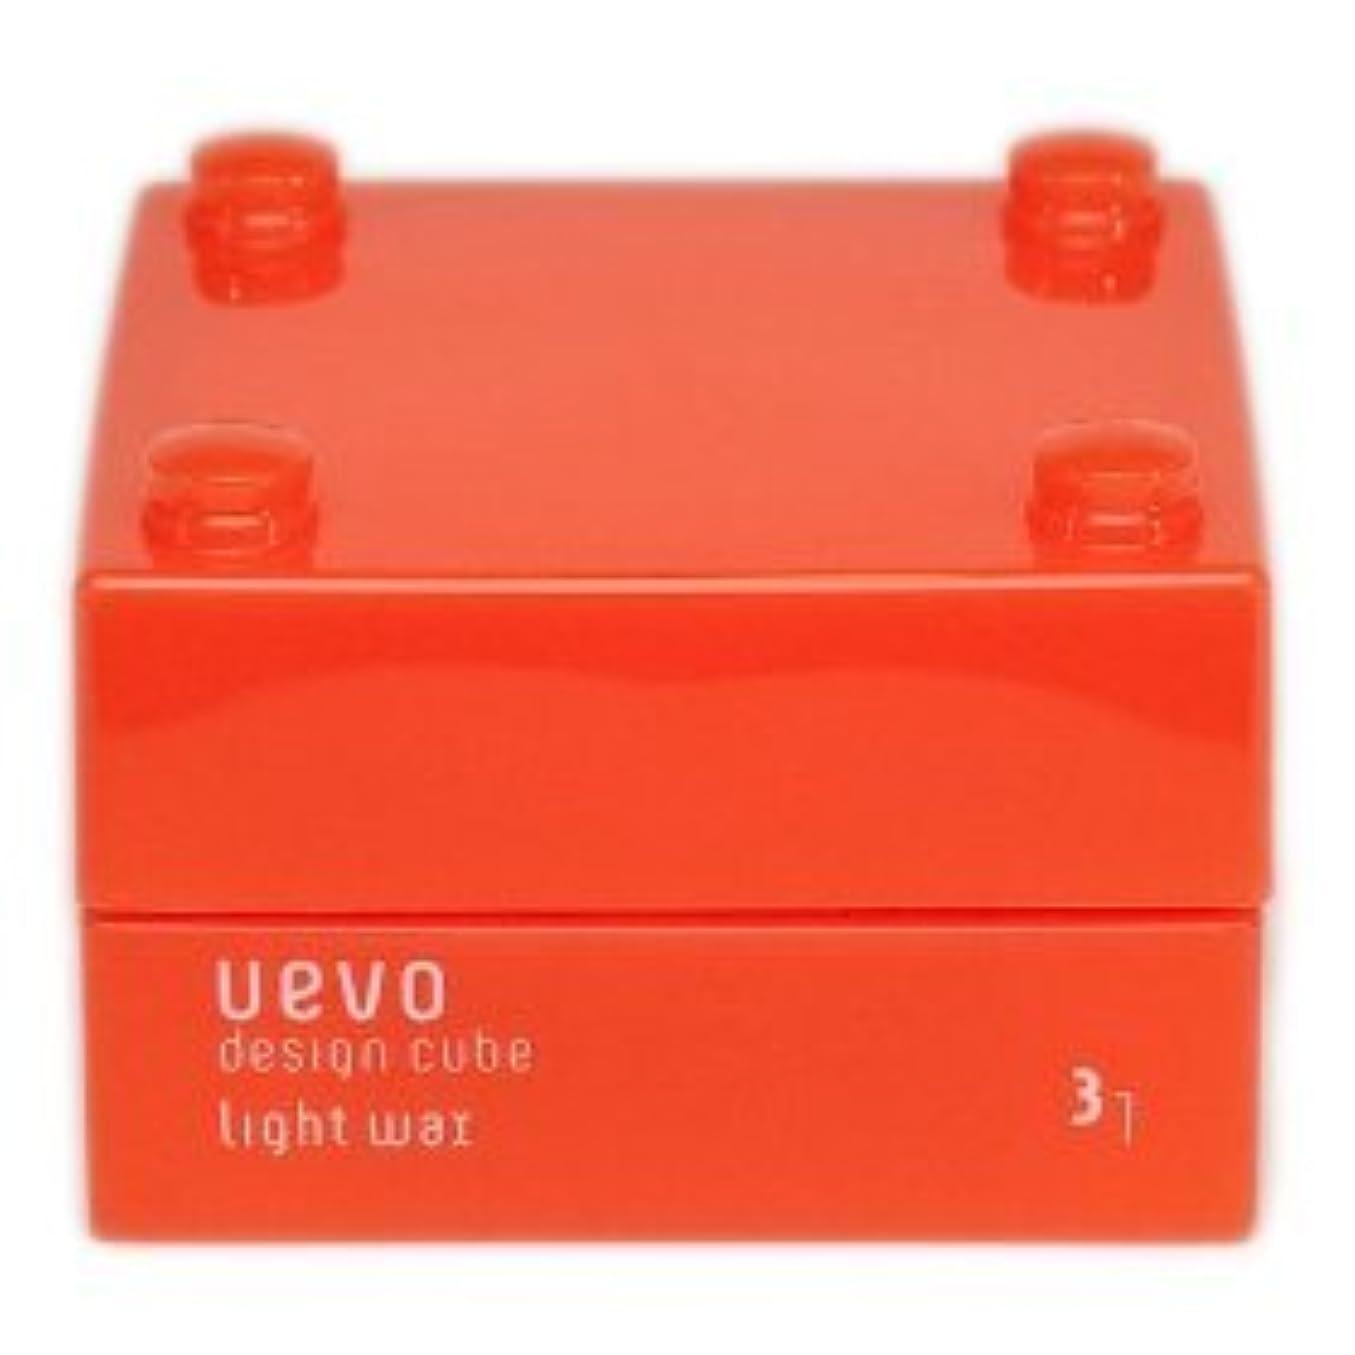 明確なコントローラチョップ【X5個セット】 デミ ウェーボ デザインキューブ ライトワックス 30g